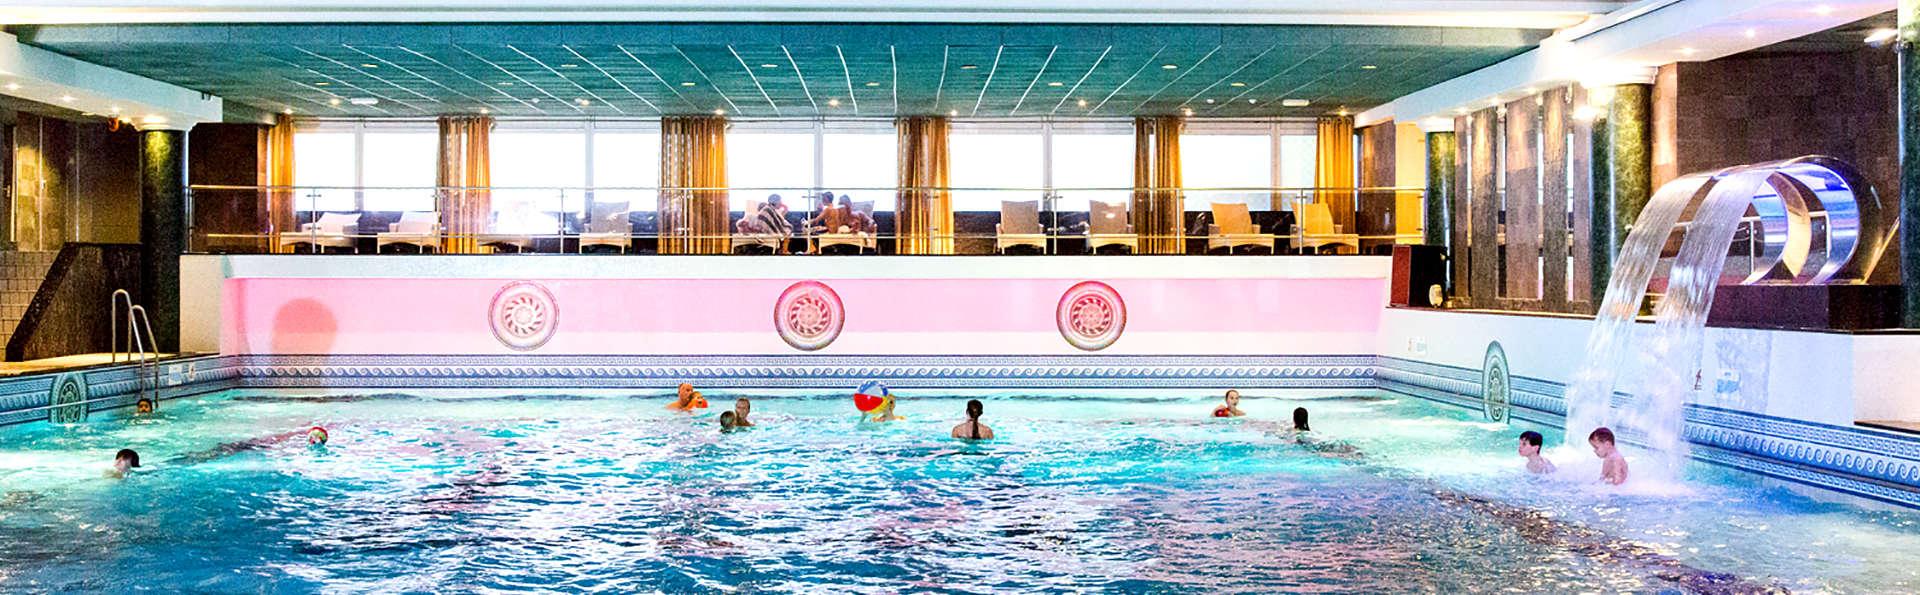 Réveillez-vous aux son des vagues dans le luxe d'un 4 étoiles à Noordwijk